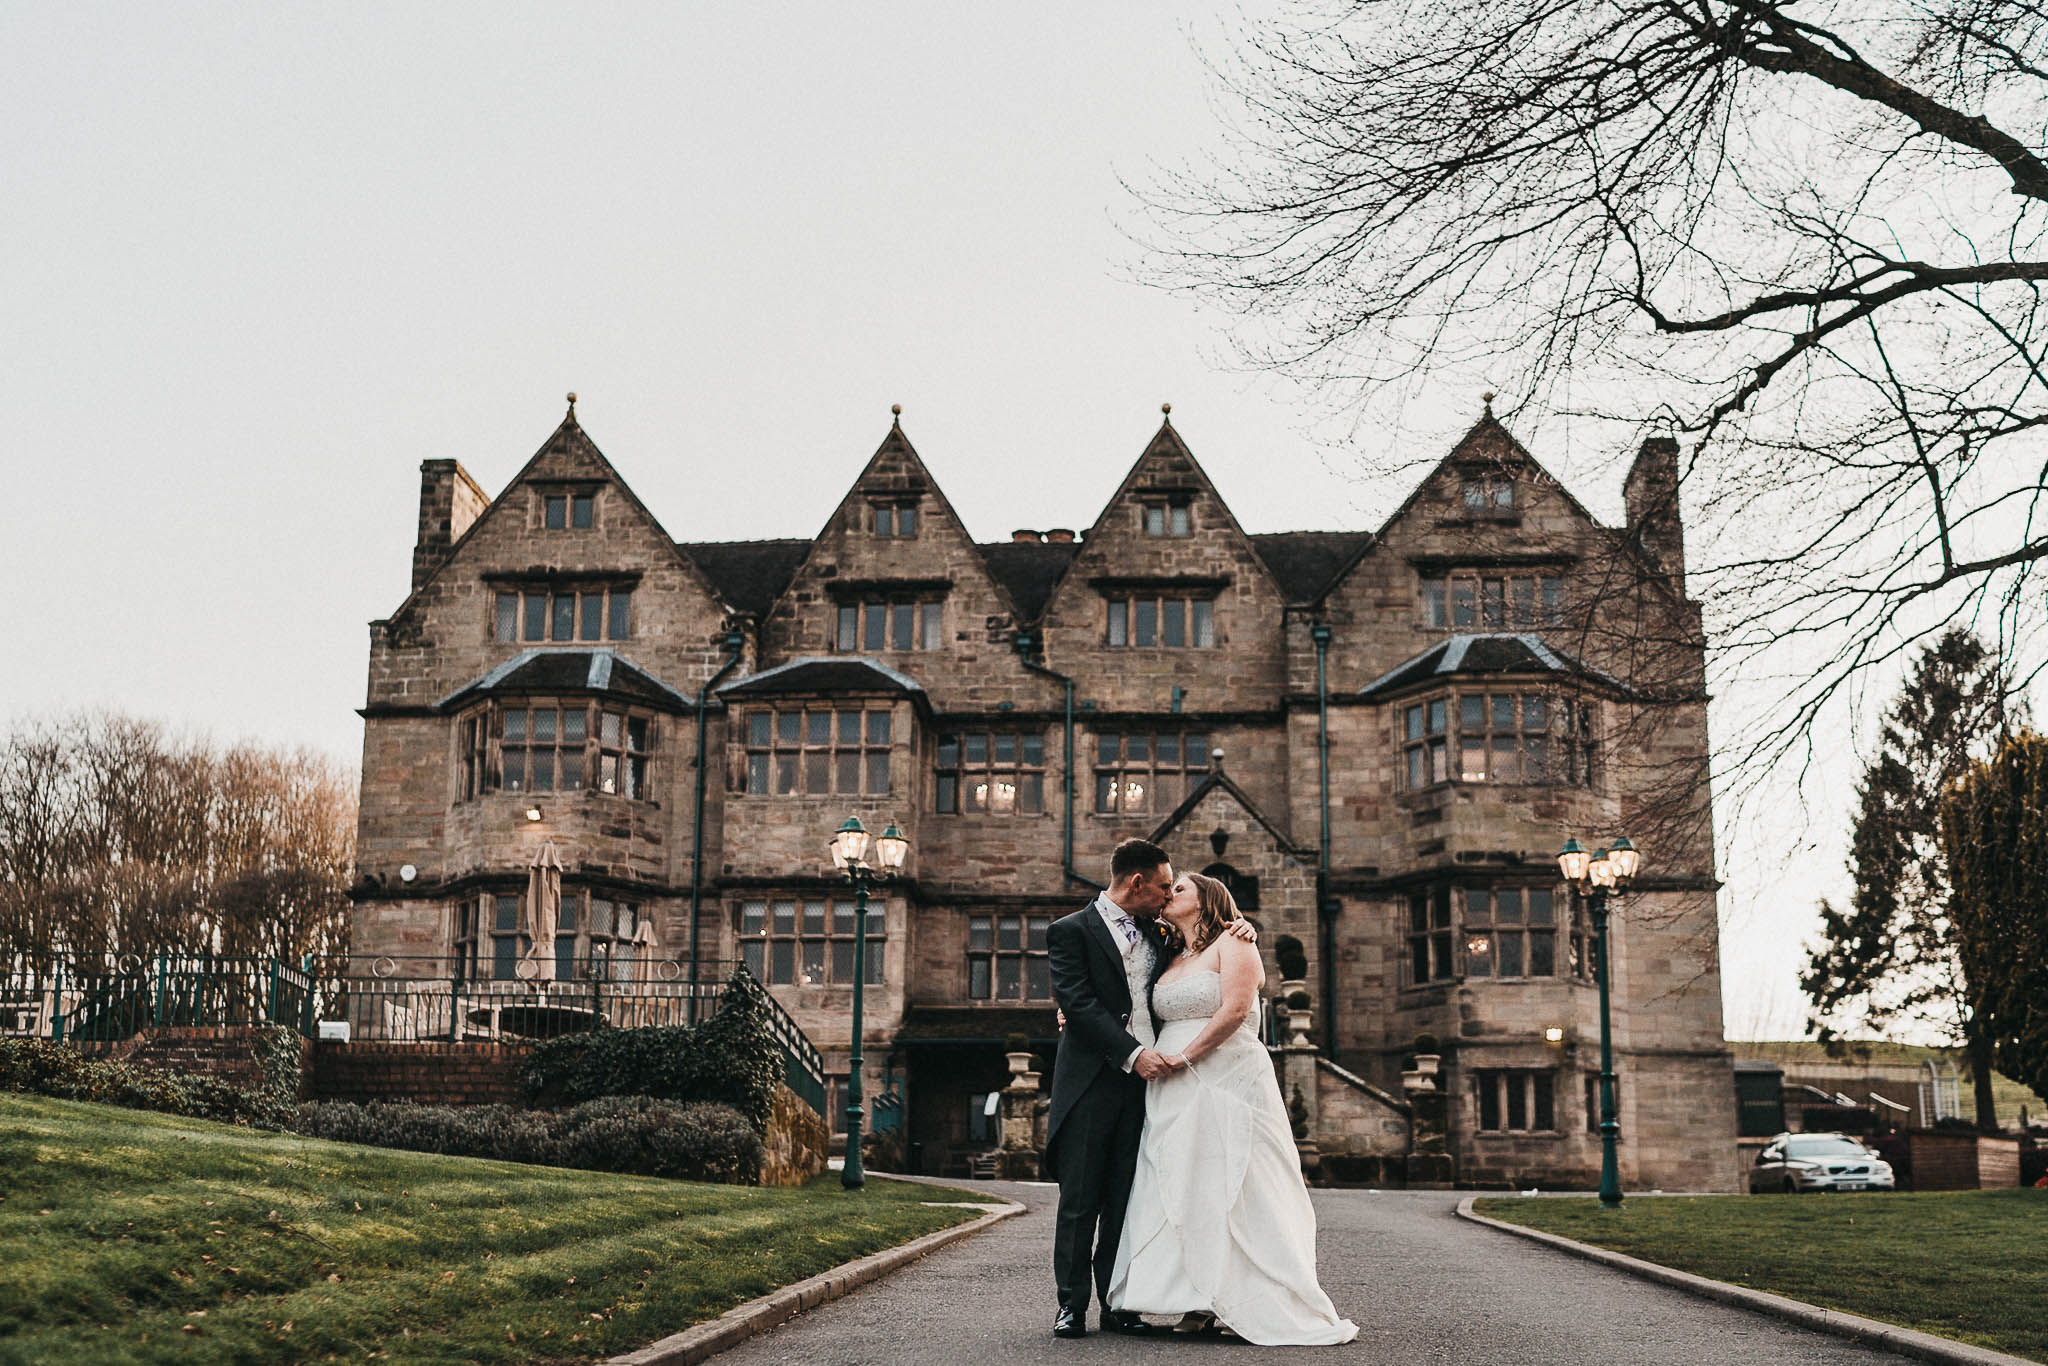 London-Wedding-Photographer-217.jpg